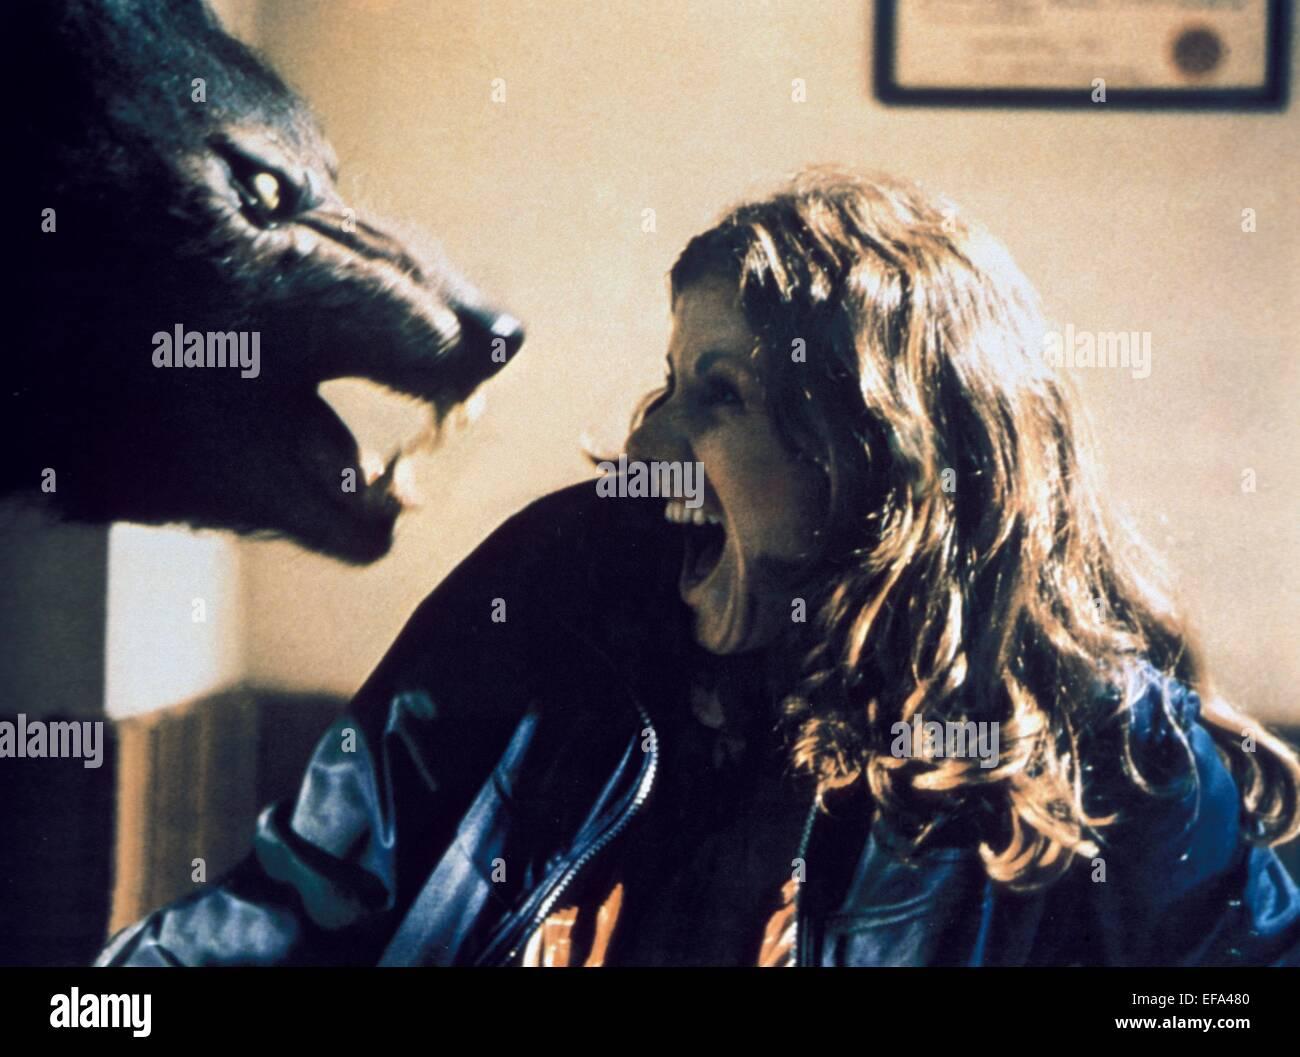 Werwolf-Attack